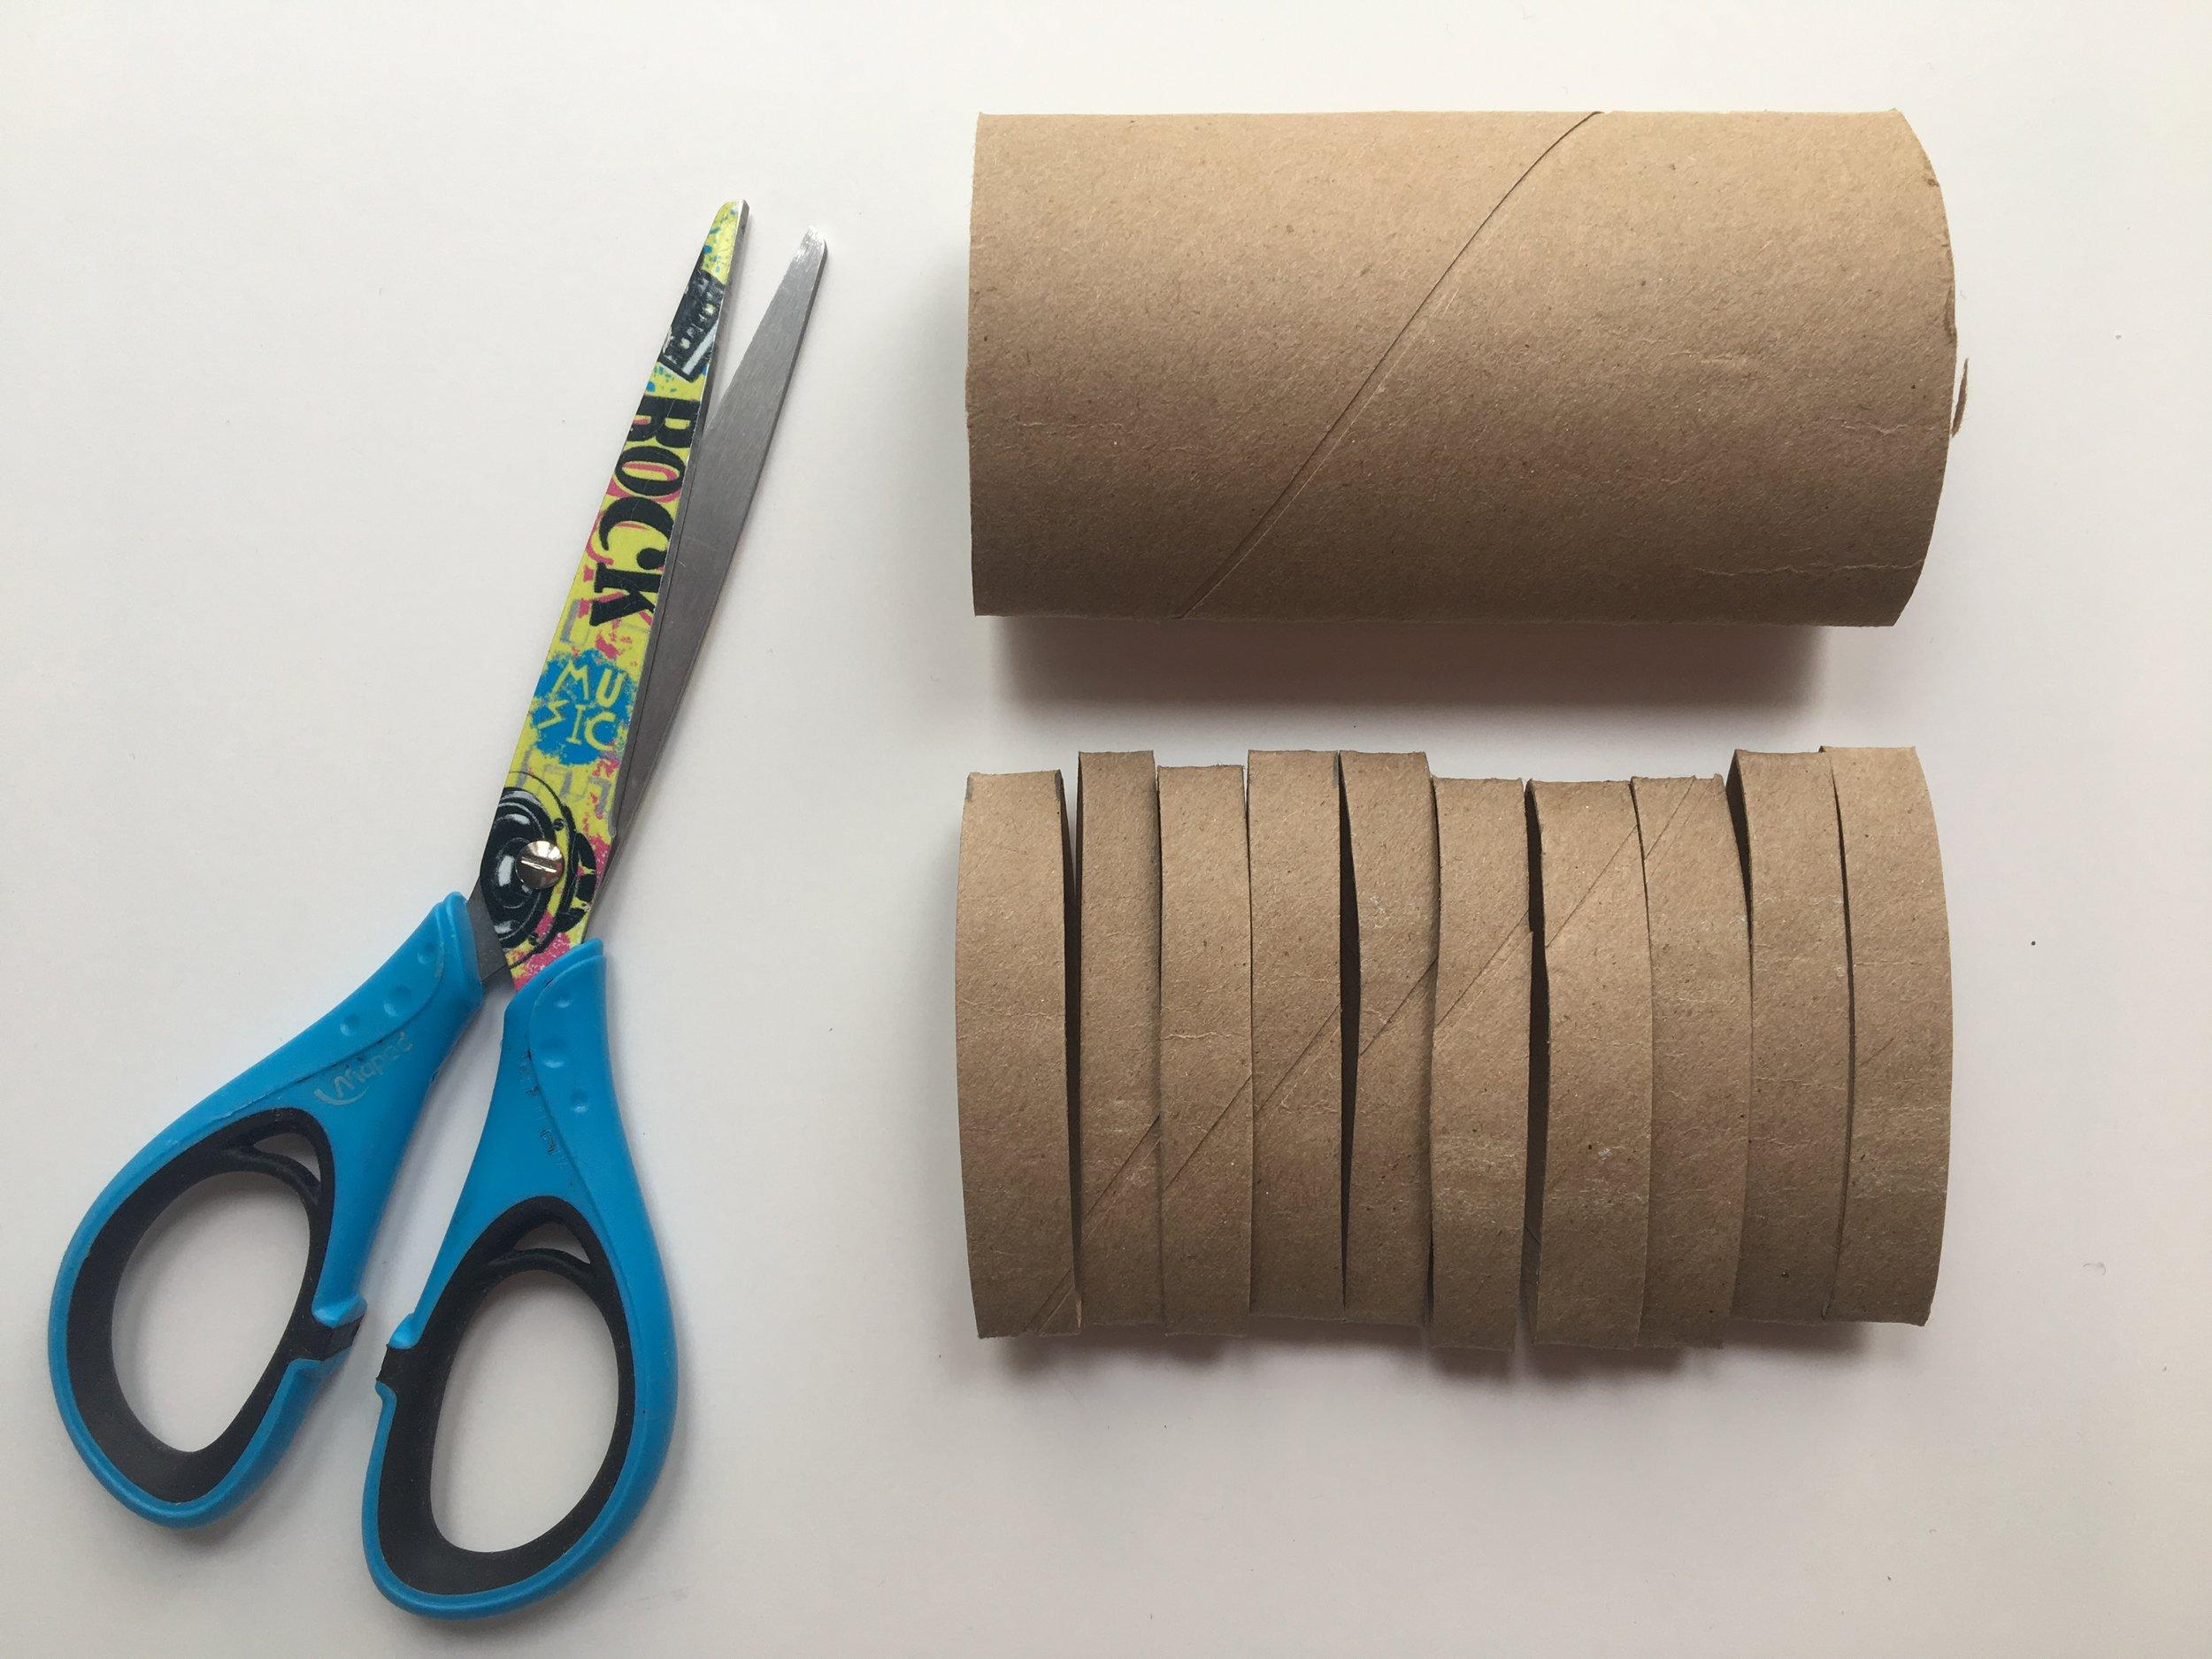 flocons de neige-rouleaux de papier de toilette-rouleau de papier hygiénique-rouleau-bricoler-bricolage-MamanBricole-#mamanbricole-Je suis une maman-DIY-brico d'hiver